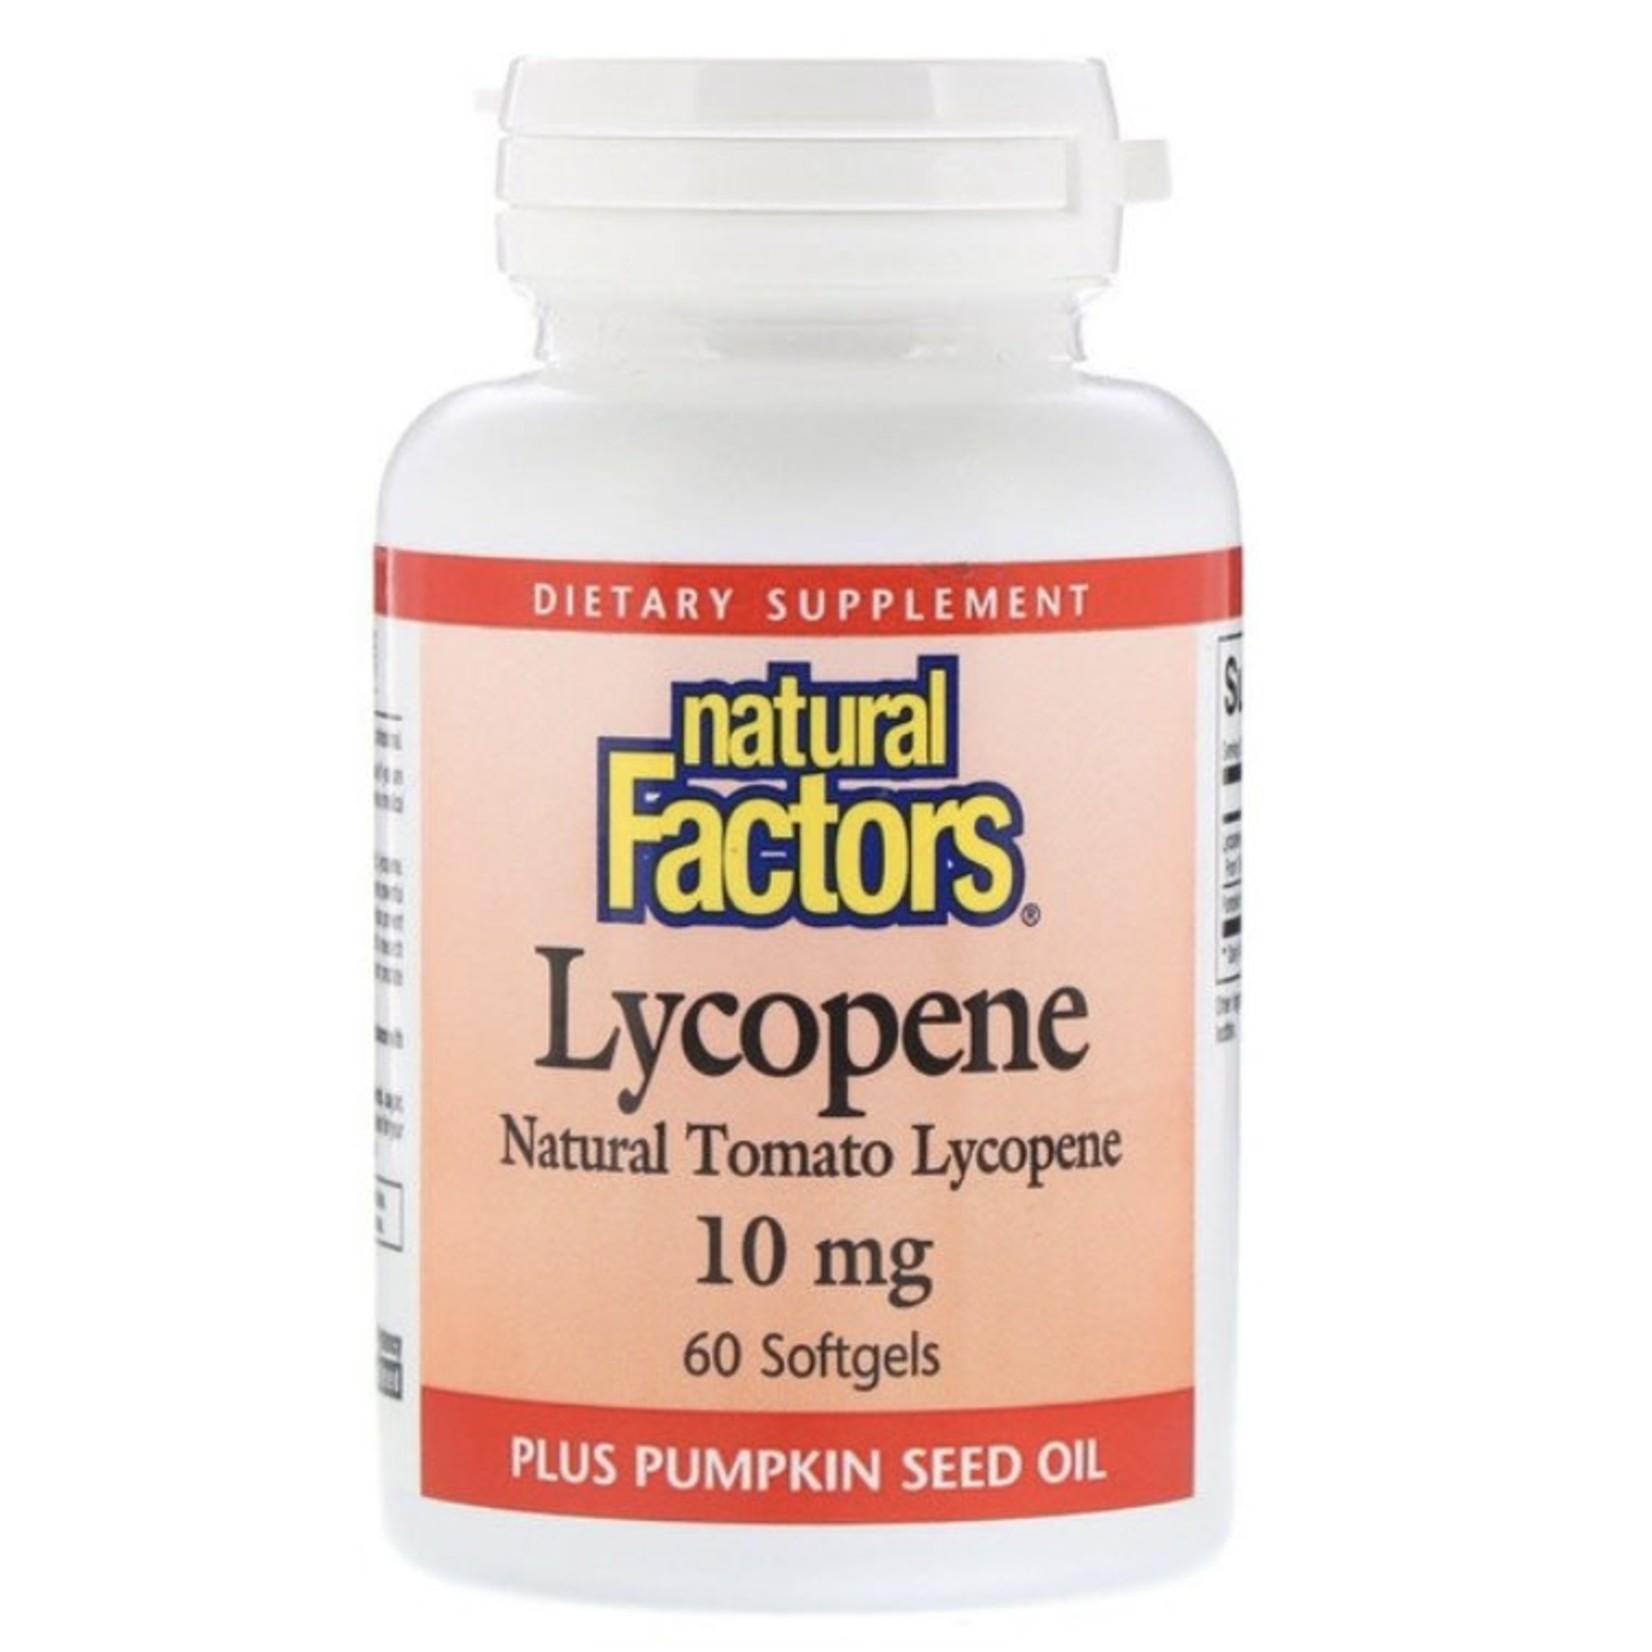 Natural Factors Natural Factors Lycopene 60 softgels